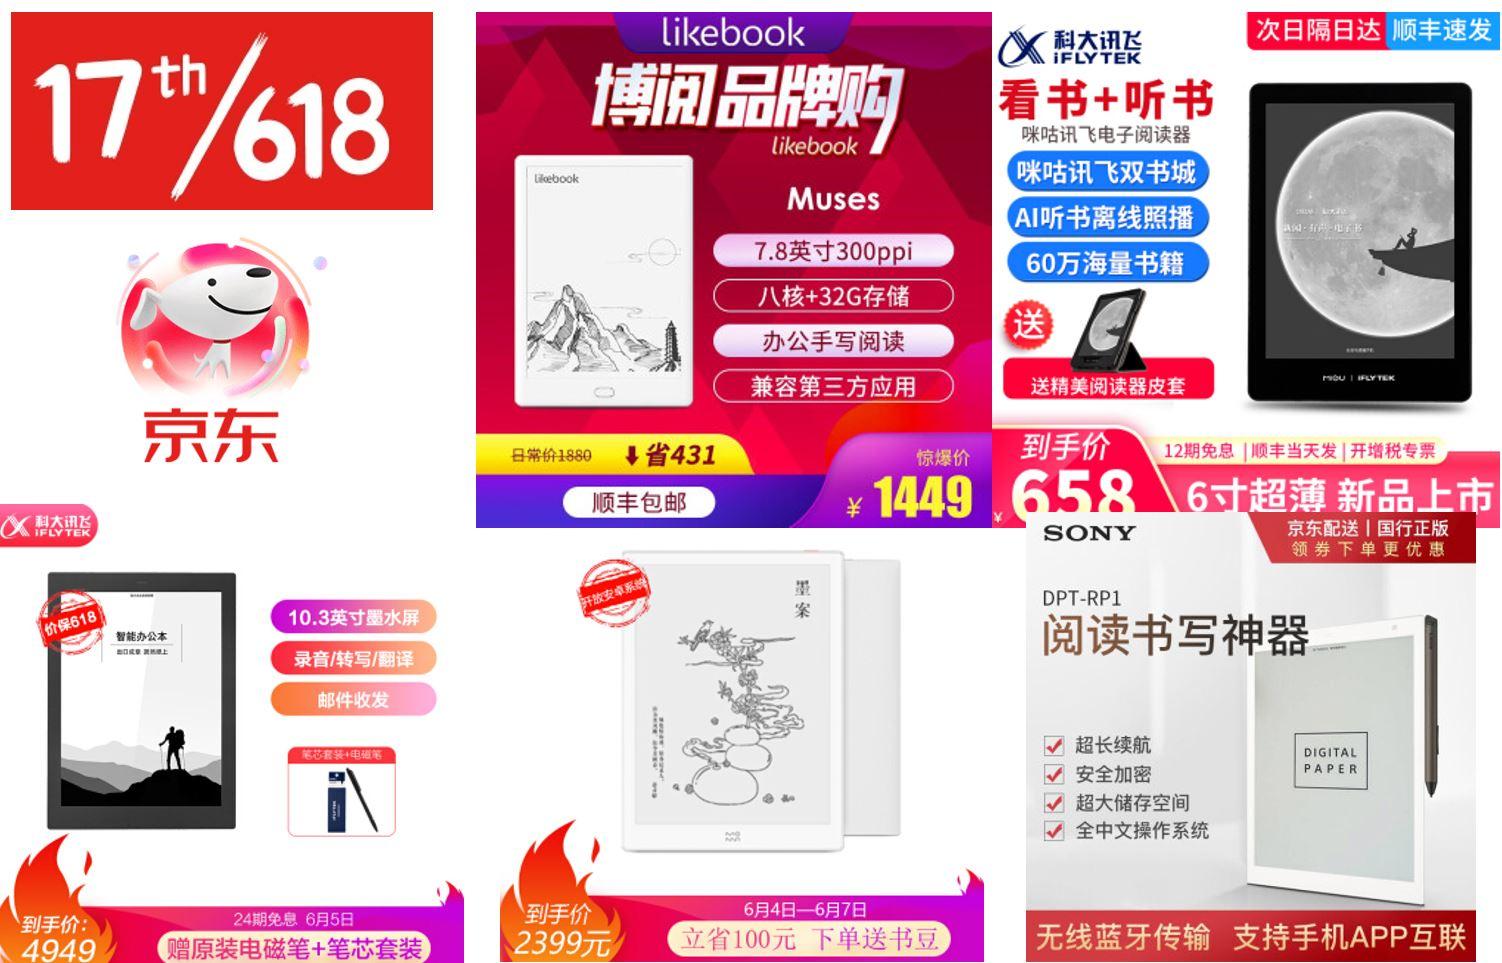 京东618狂欢节 电子纸产品哪一款值得买?哪一款降价最多?